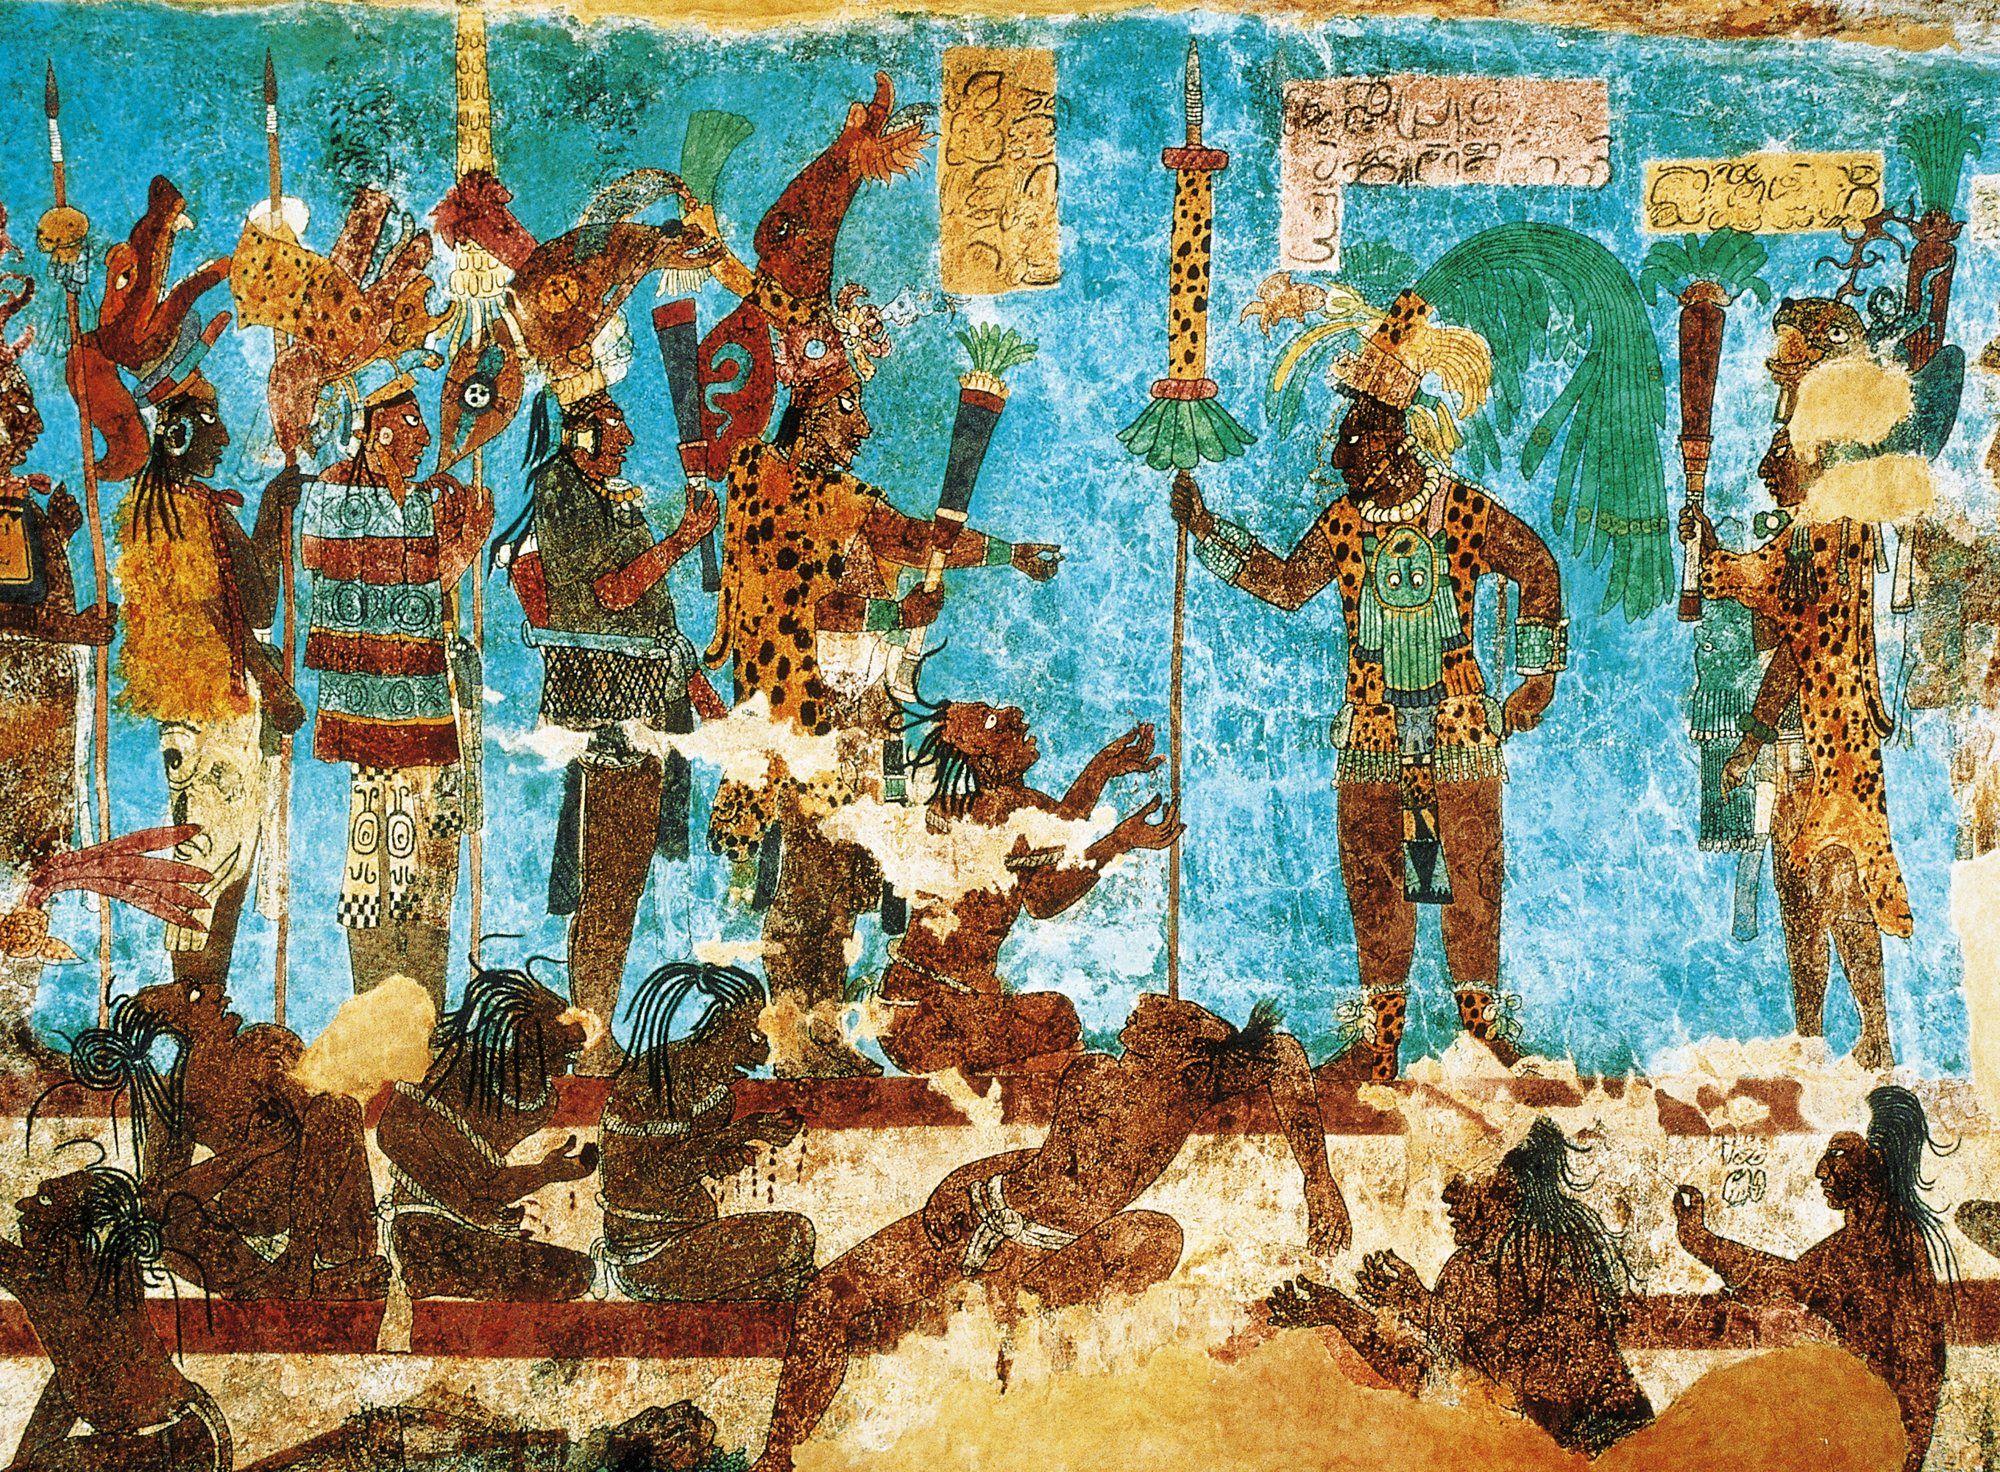 Mural De Bonampak Mexico Pintura Con Tonos Azules Que Repr The